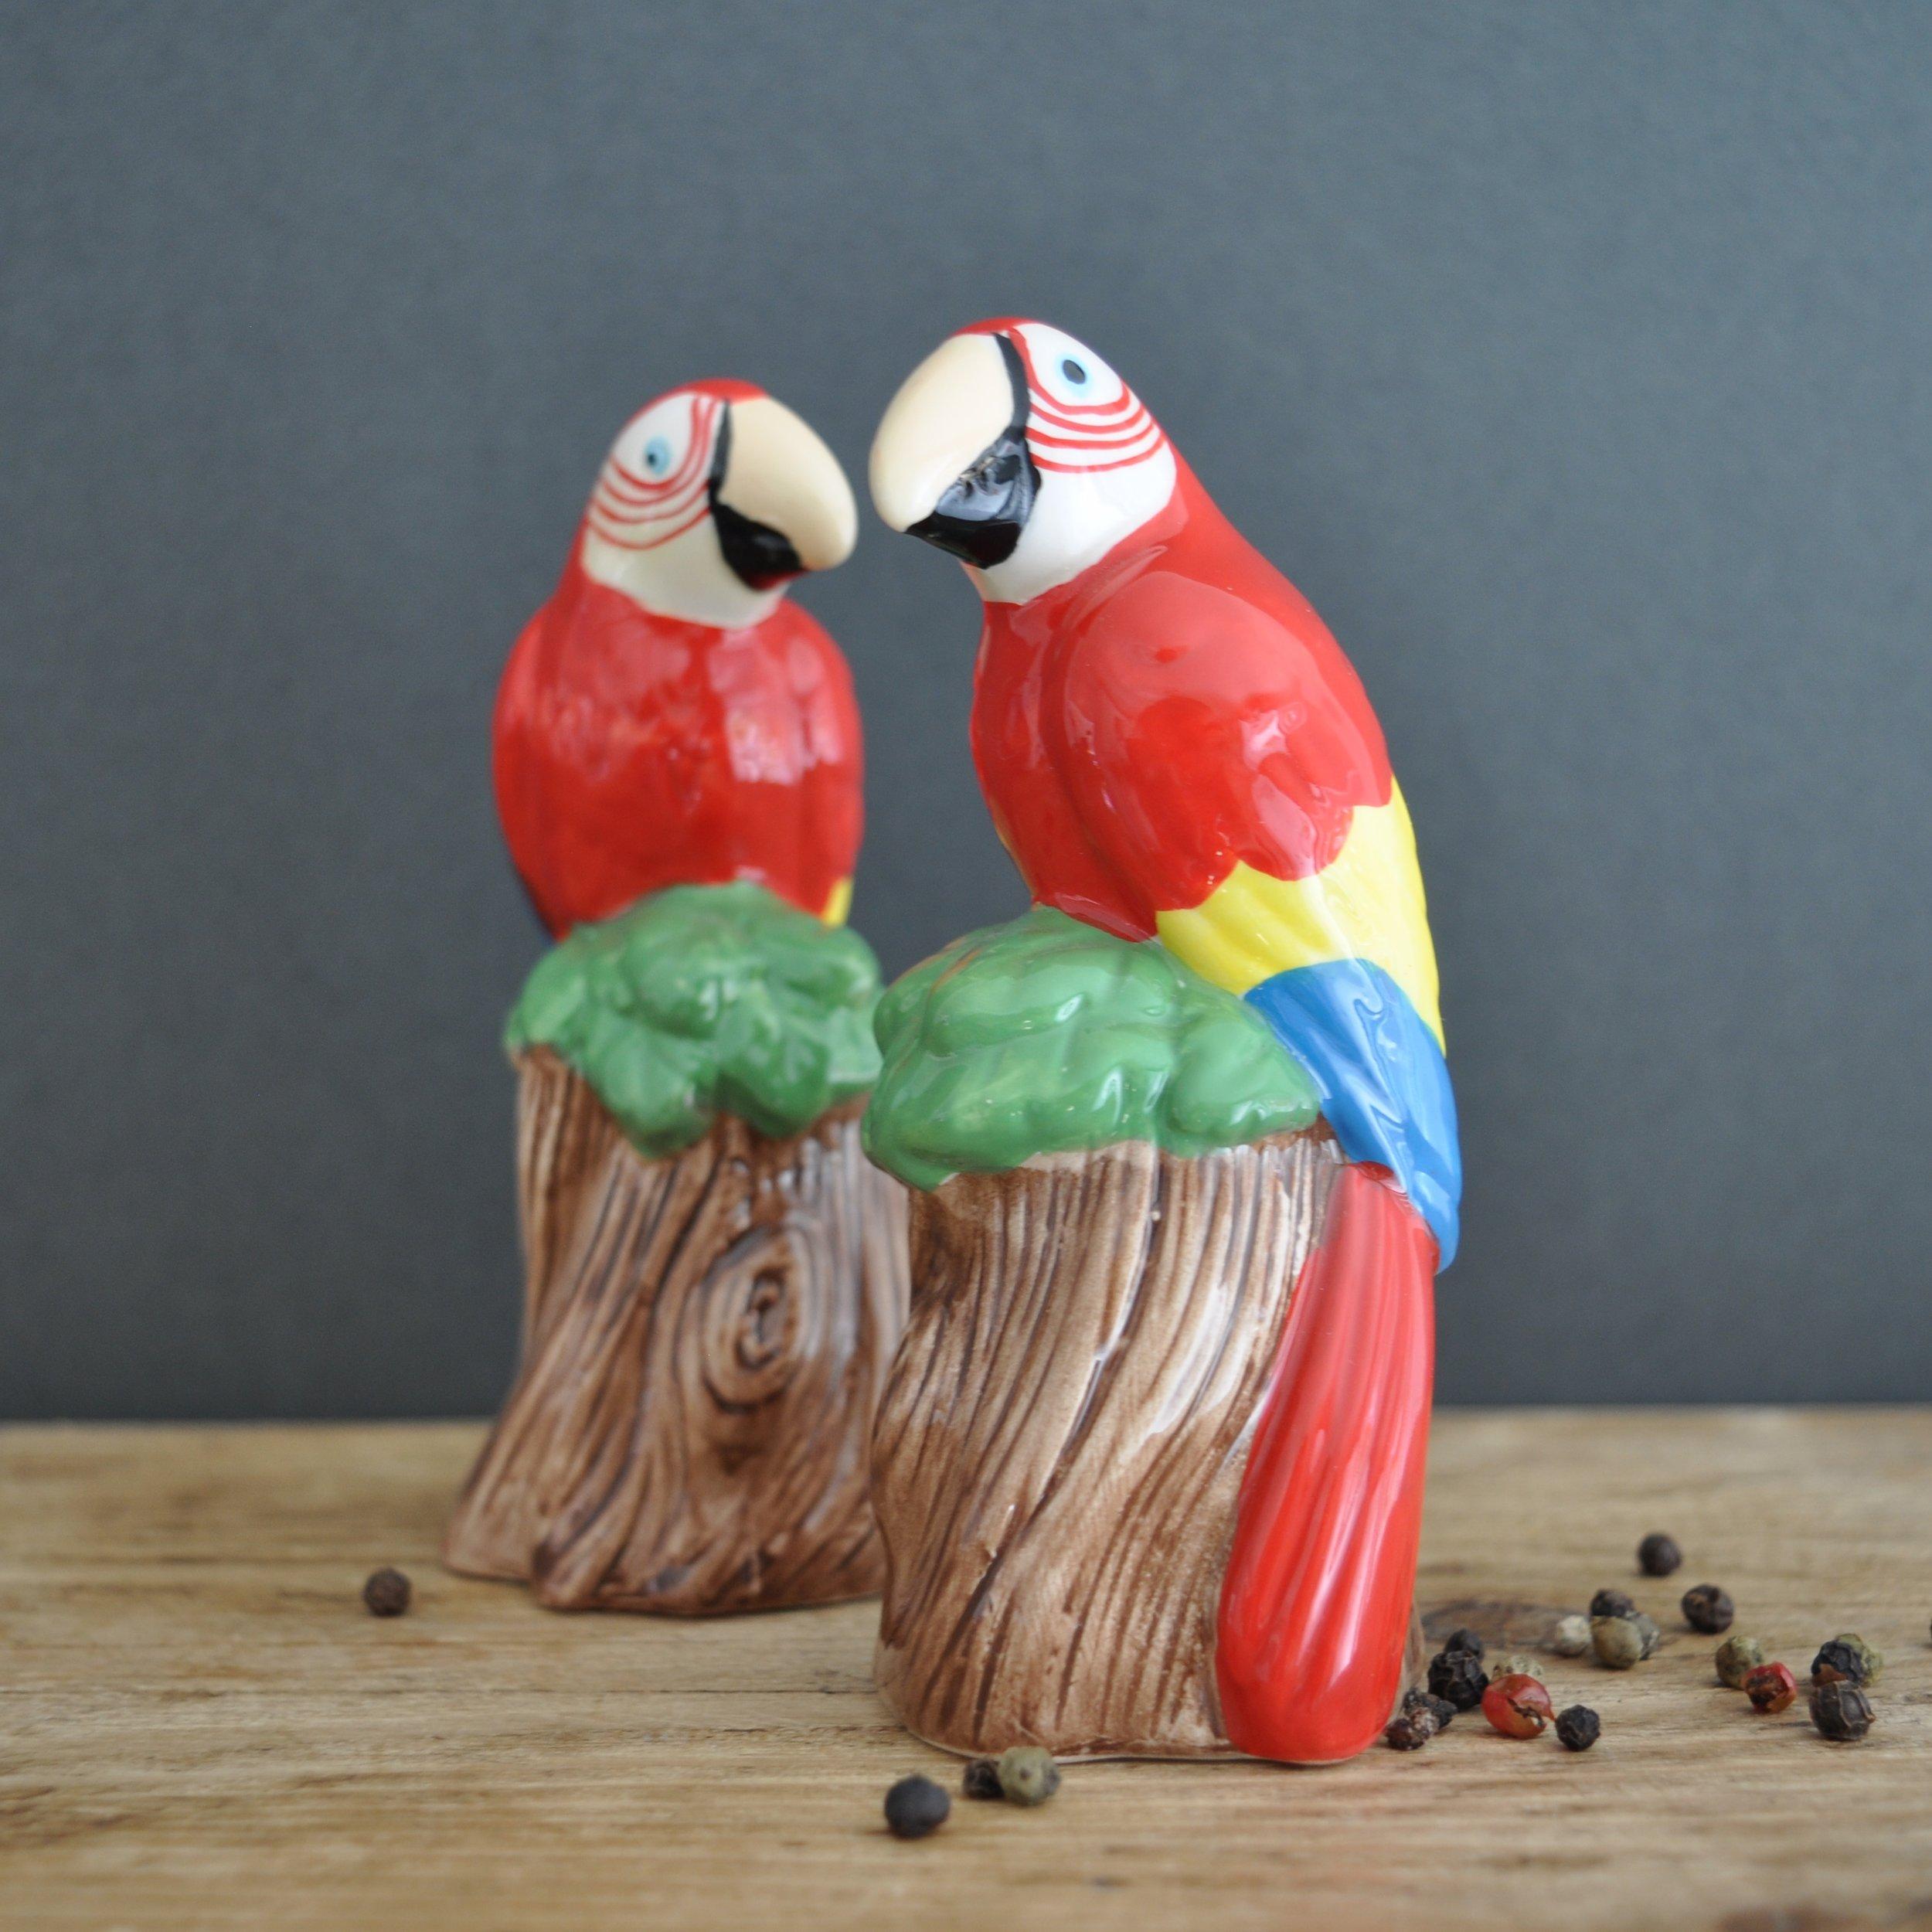 Parrot-Salt-and-Pepper-Shaker-Set.jpg